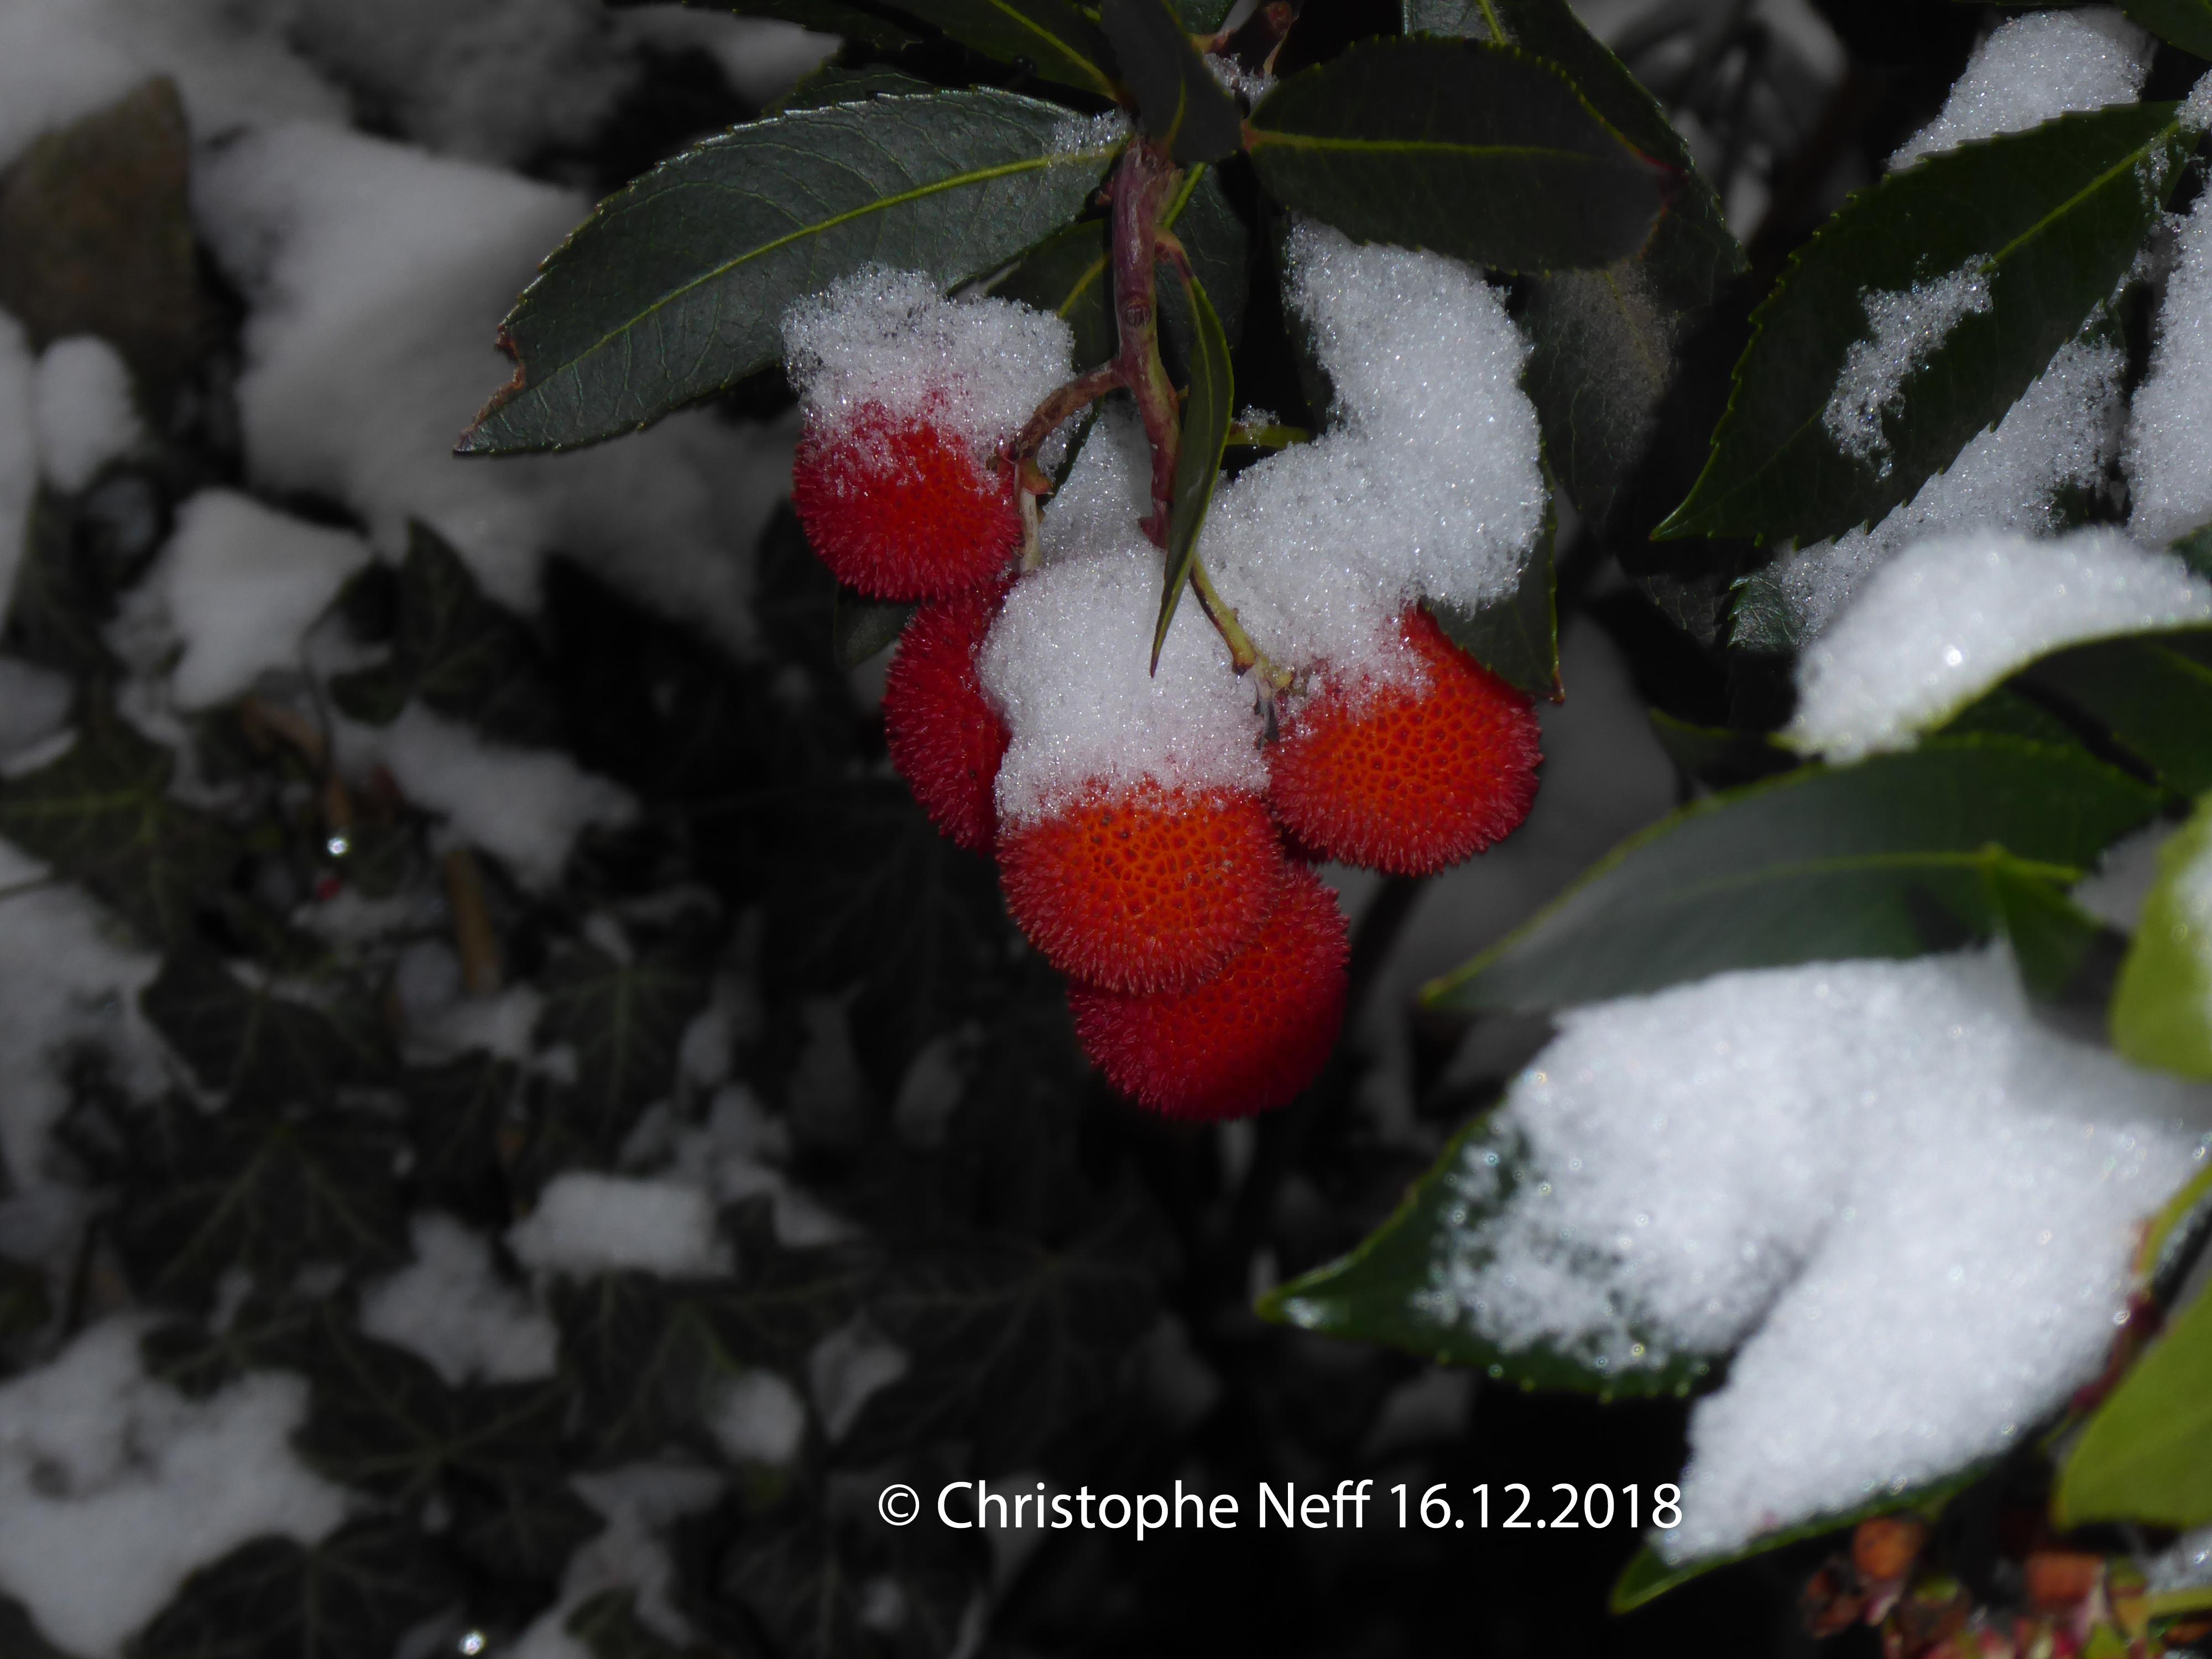 Neiges sur fruits d'Arbousier Grünstadt WR 16.12.2018